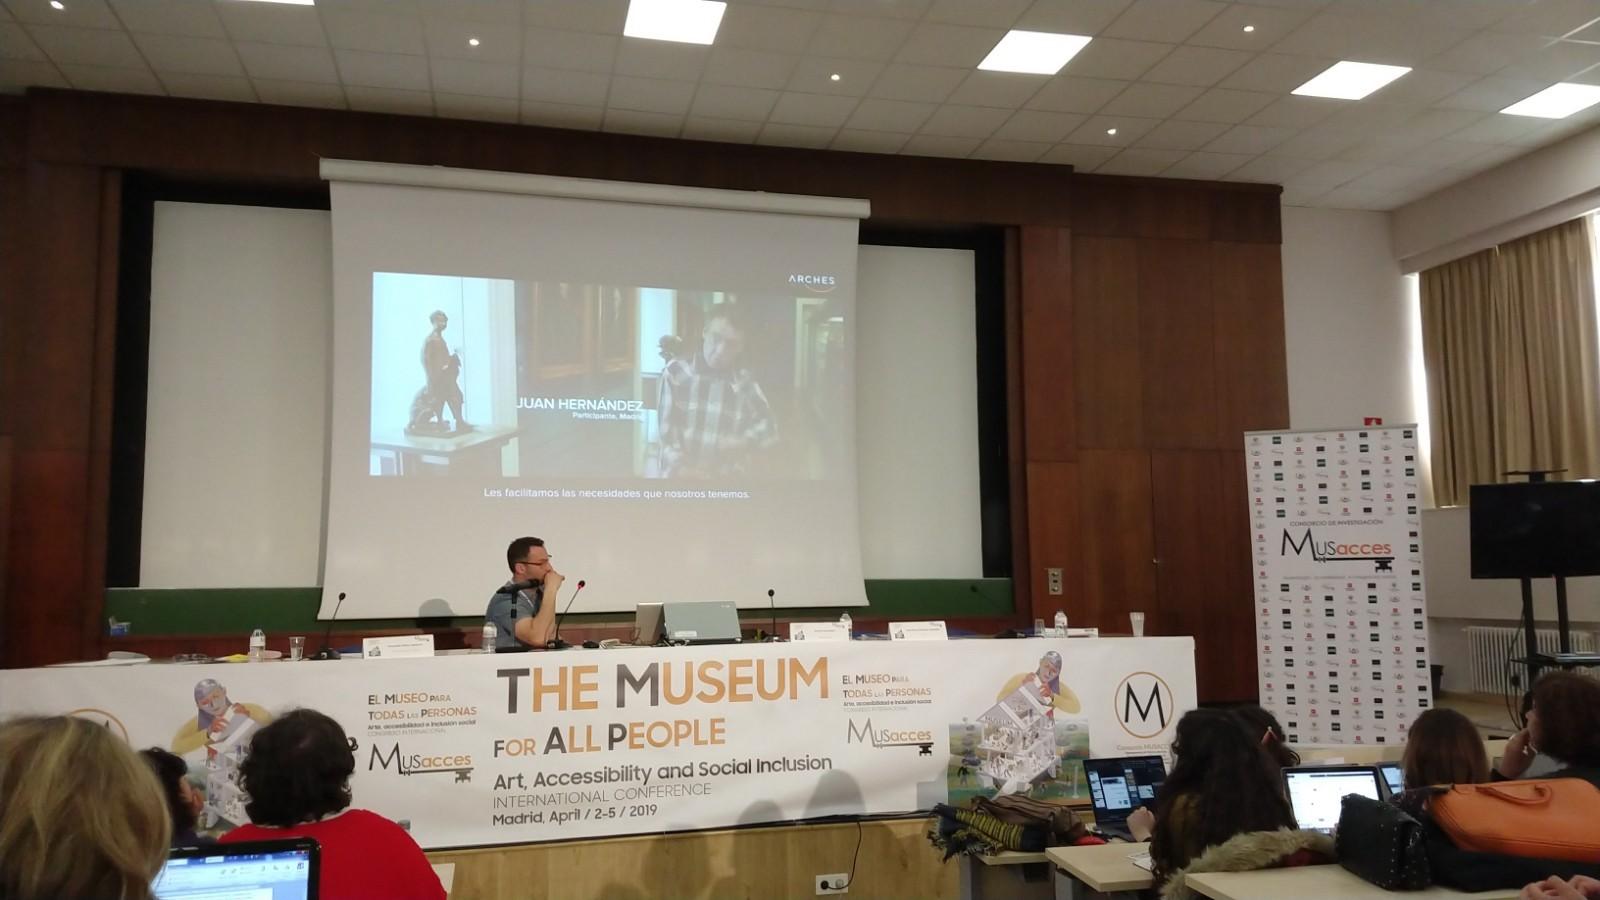 Fotorgafía de la ponencia Museos para todos a nivel europeo